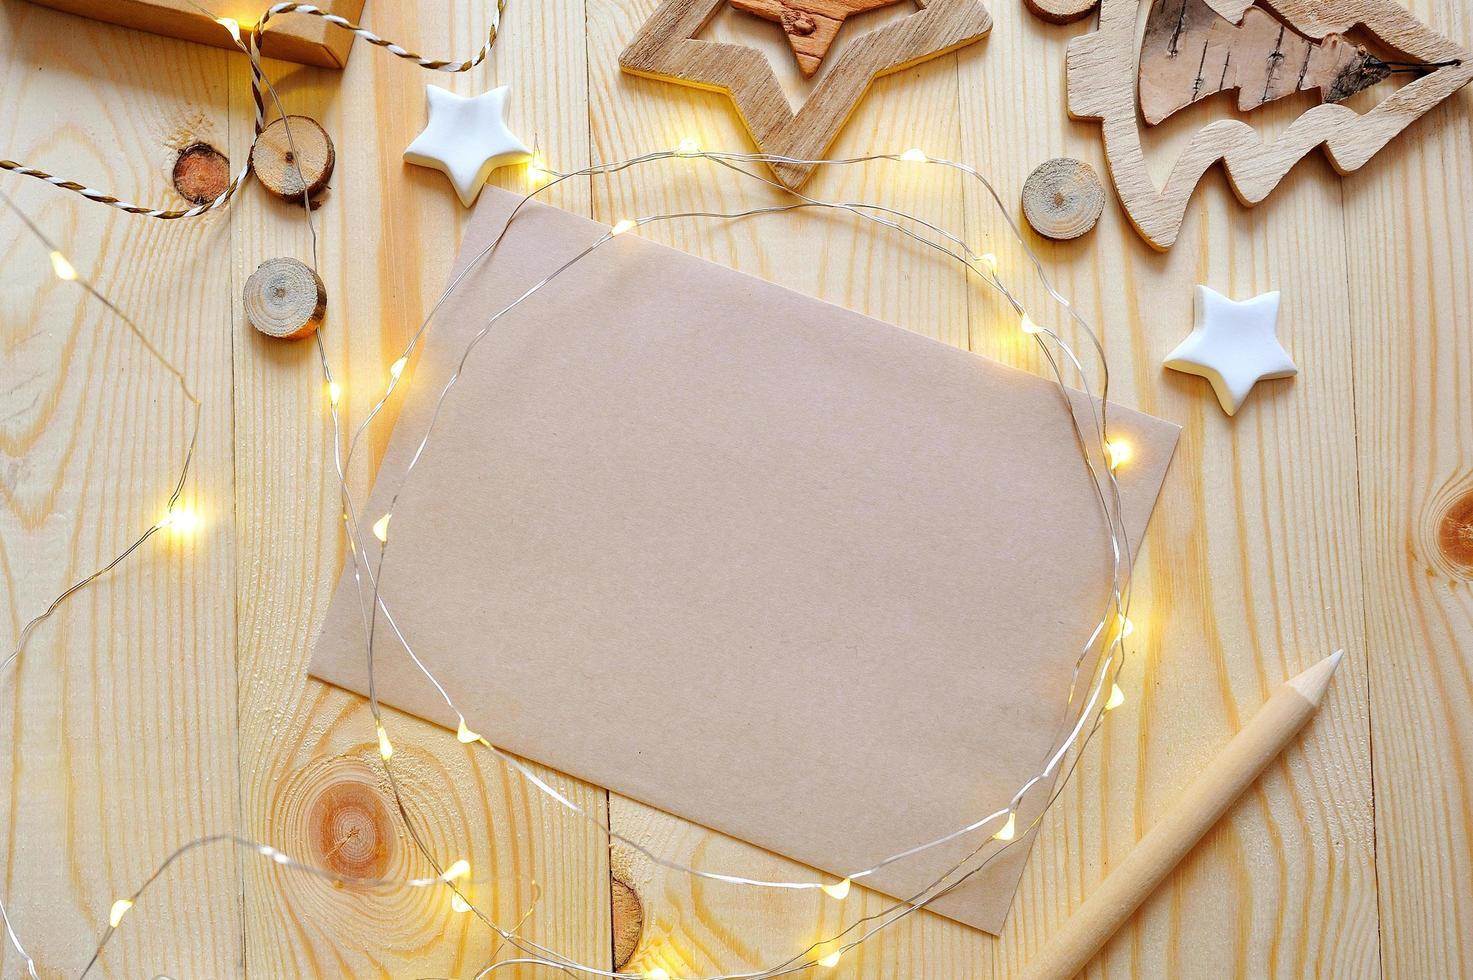 papier vierge parmi les lumières de Noël et les décorations photo